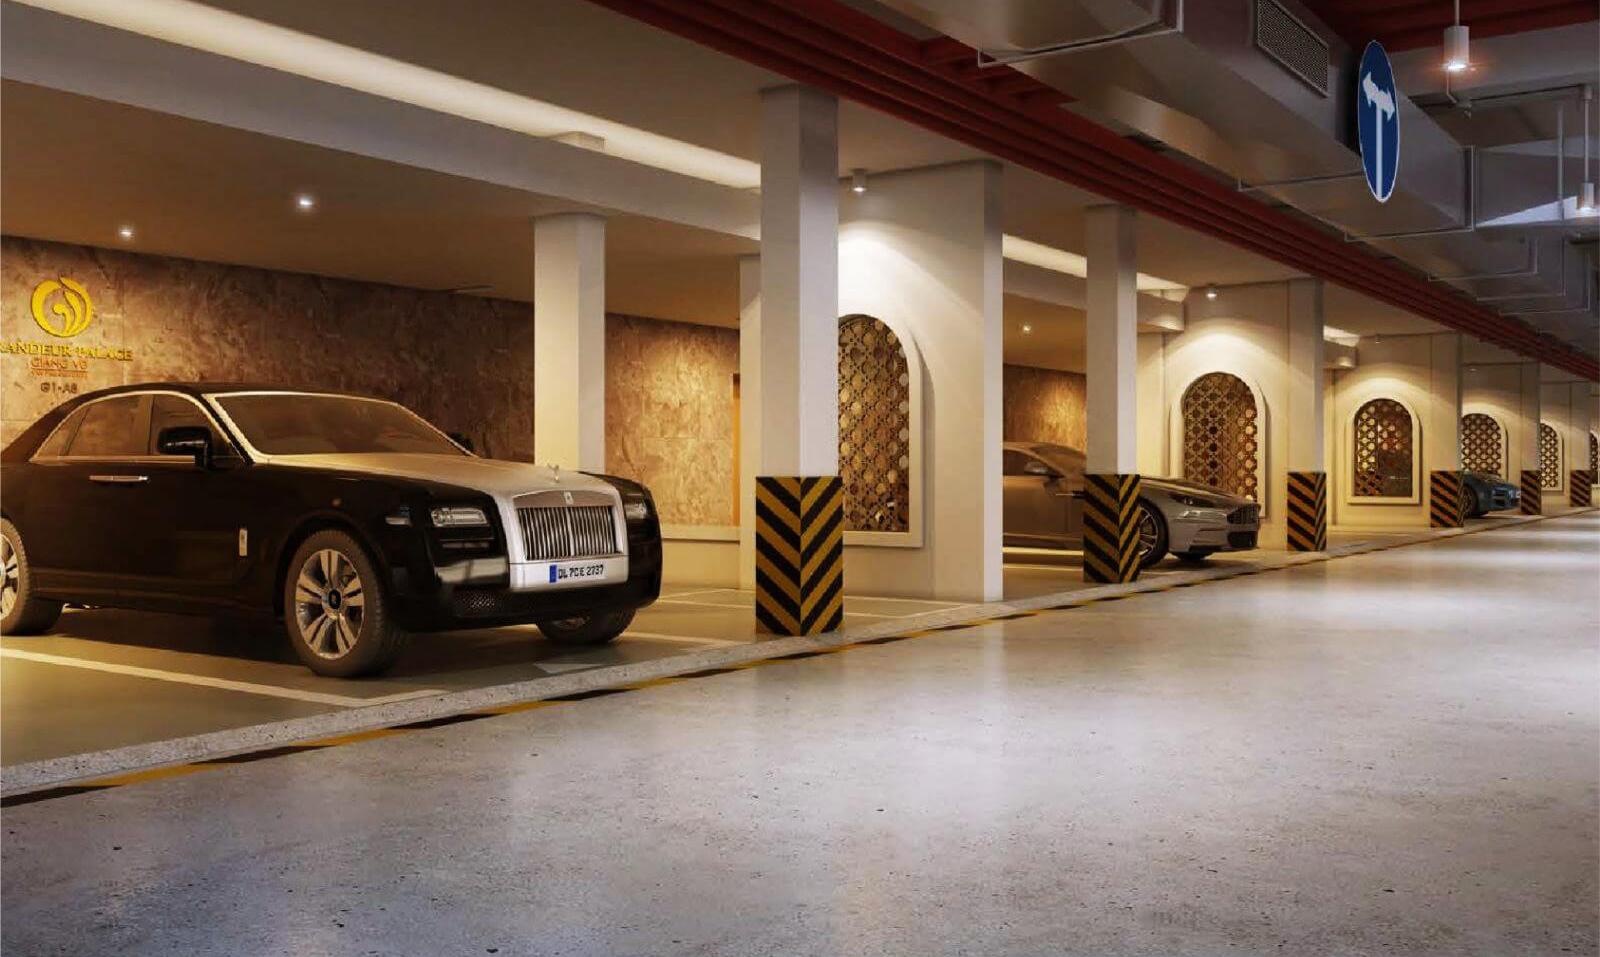 Dự án Giảng Võ Grandeur Palace Giảng Võ đang mở bán: Vị trí 'vàng' trên mảnh đất 'vàng'  - Ảnh 4.